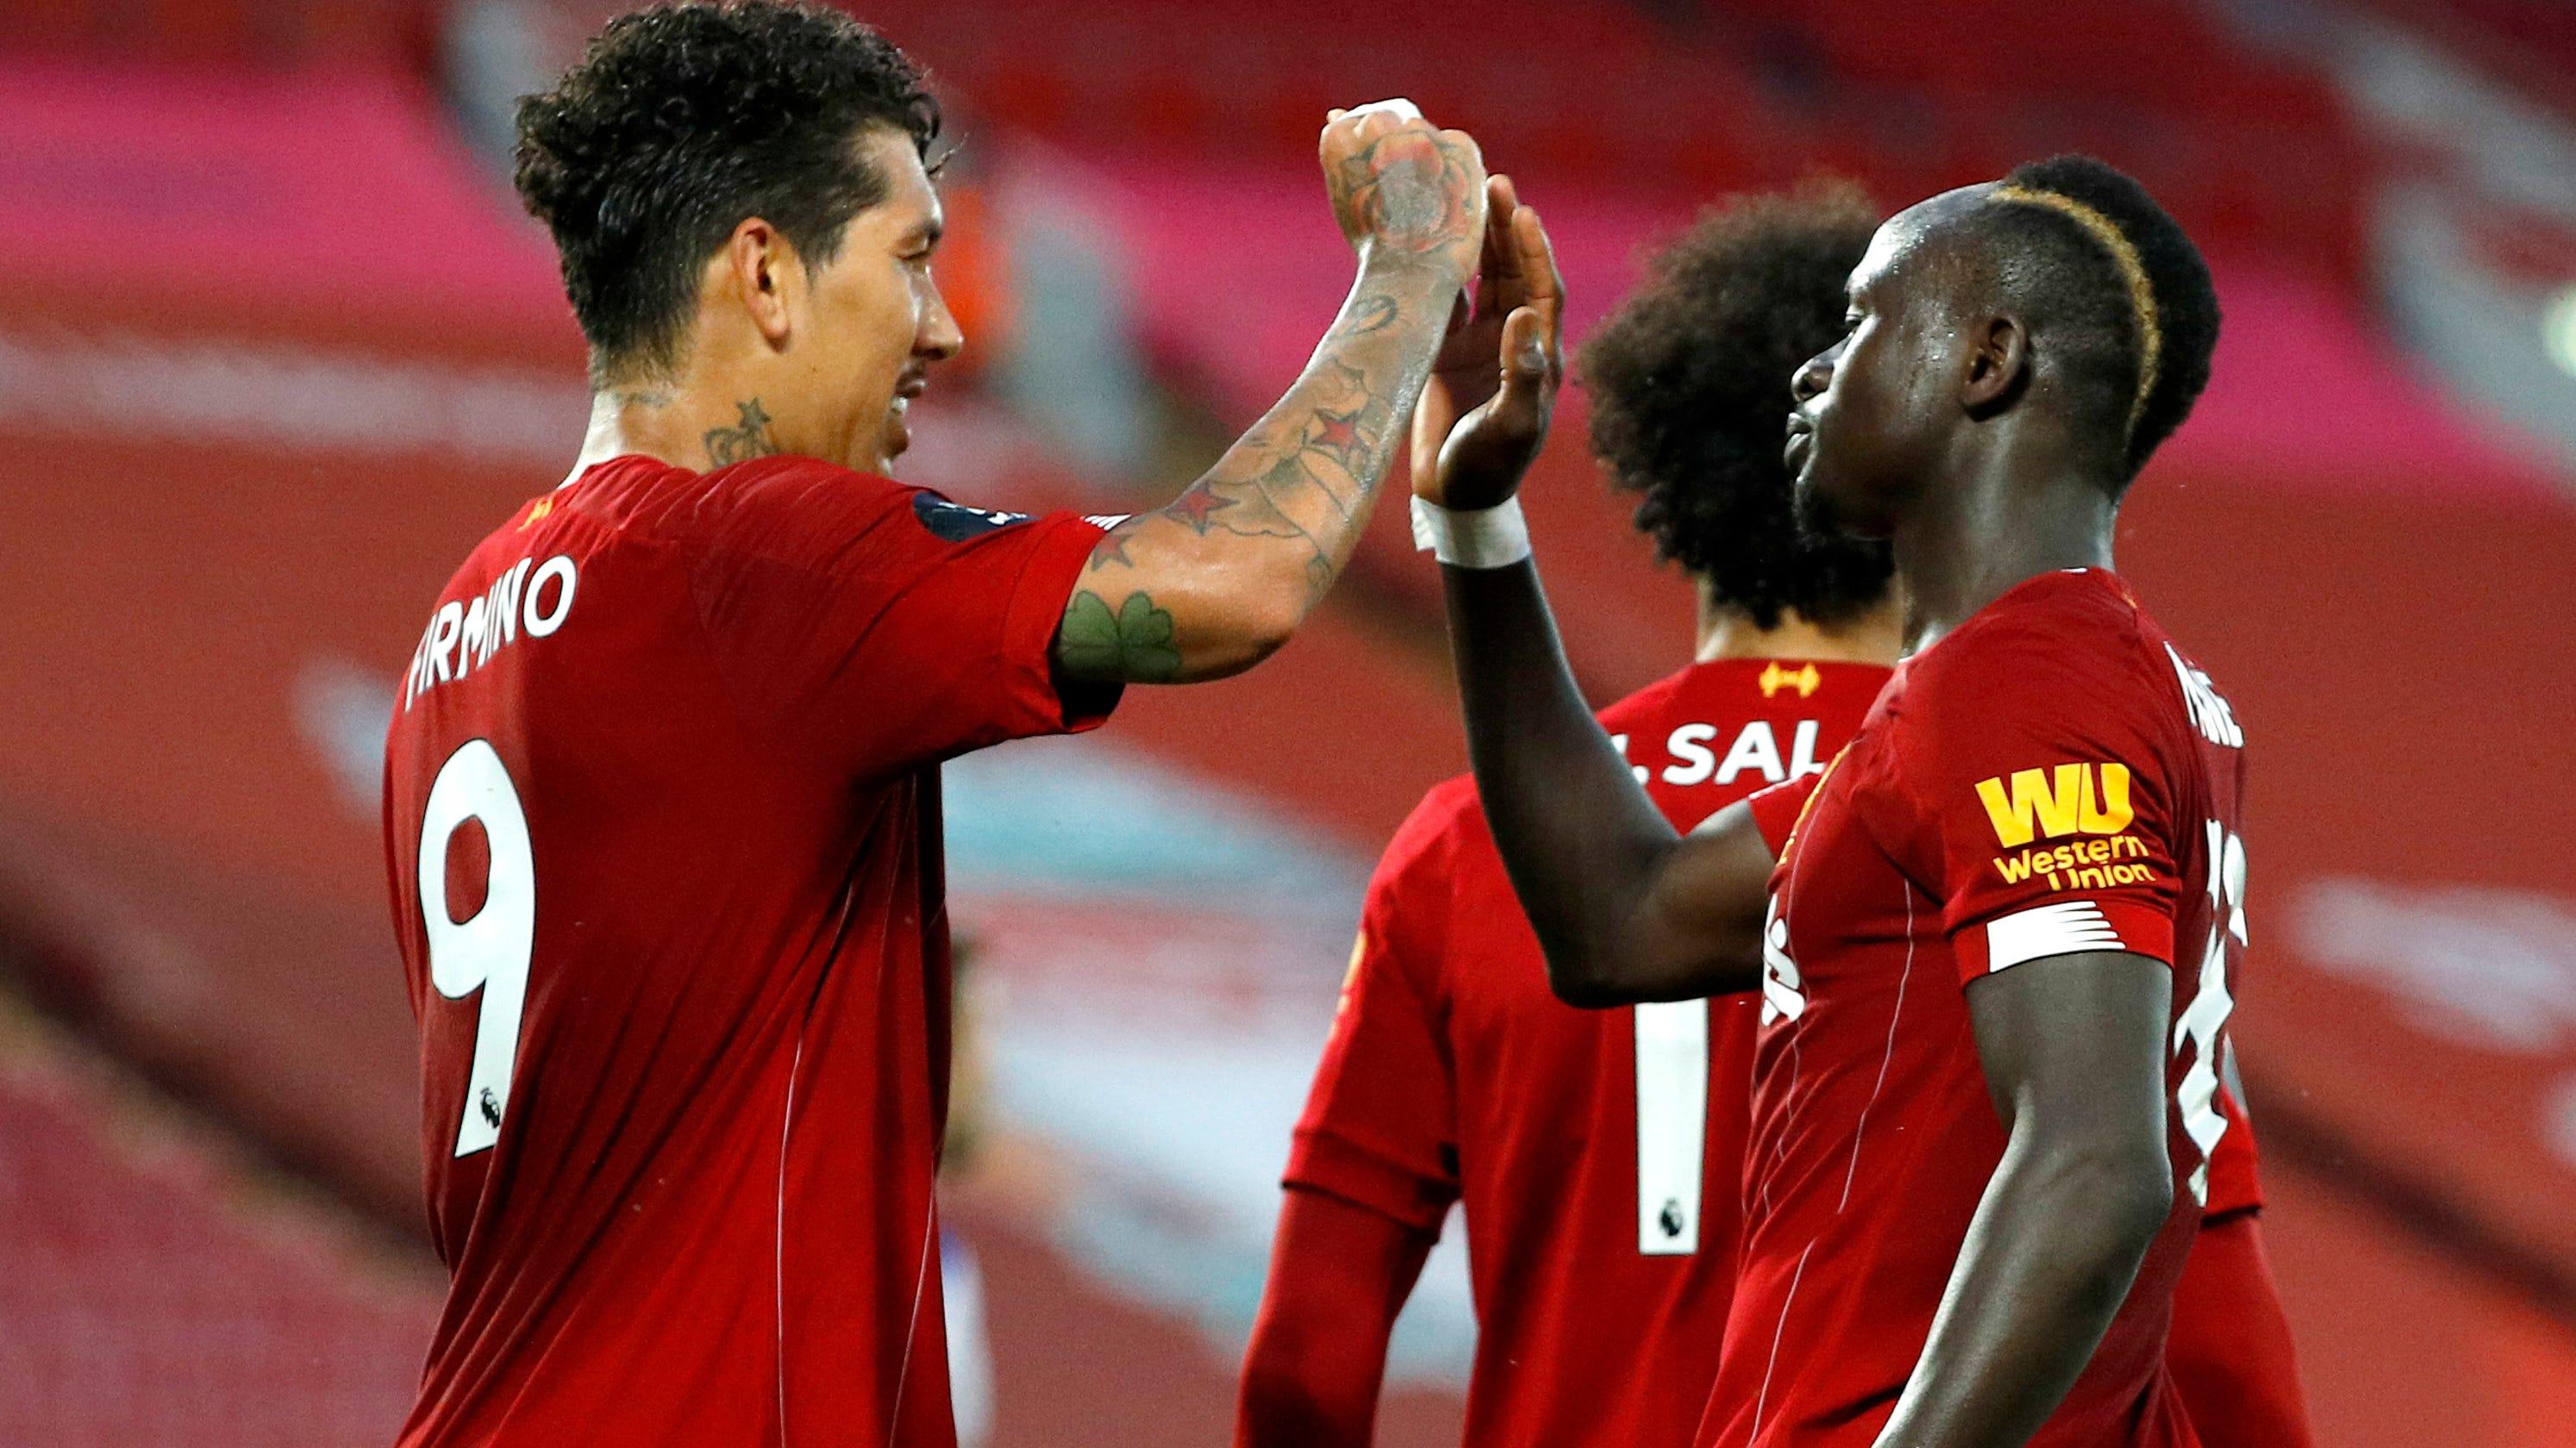 Liverpool clinches Premier League title